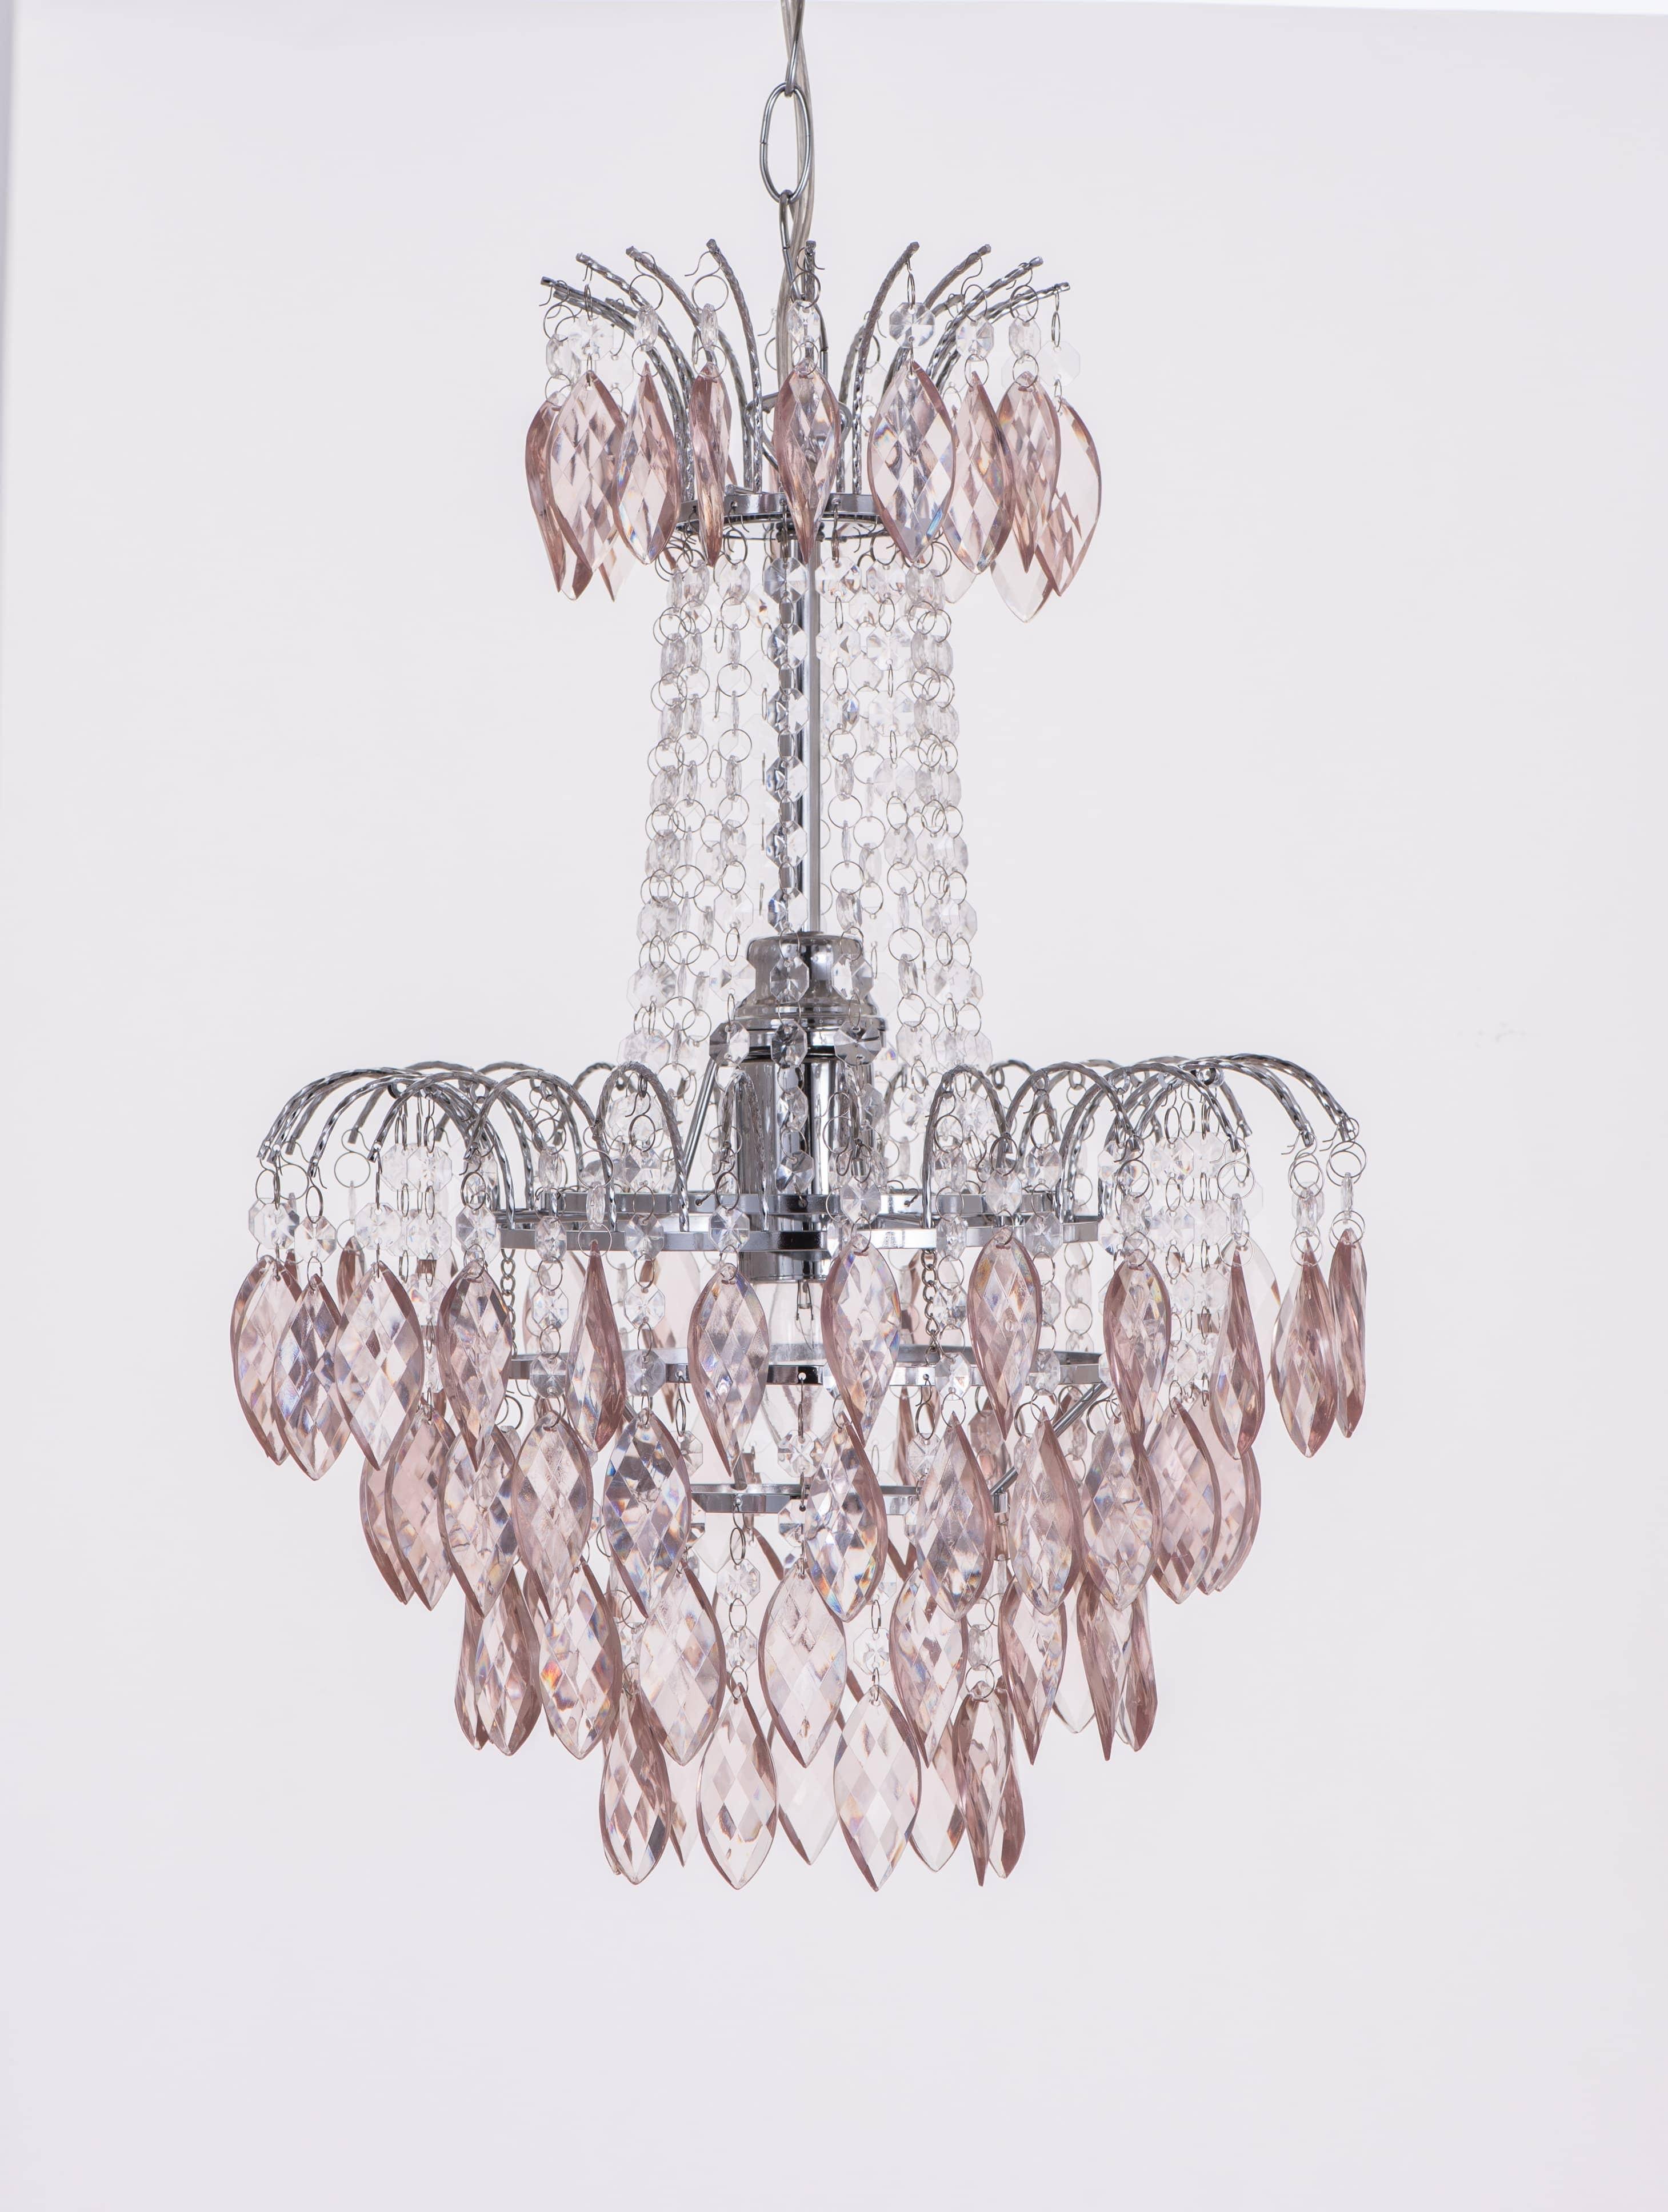 紅香檳色八角壓克力珠鍍鉻吊燈-BNL00060 0